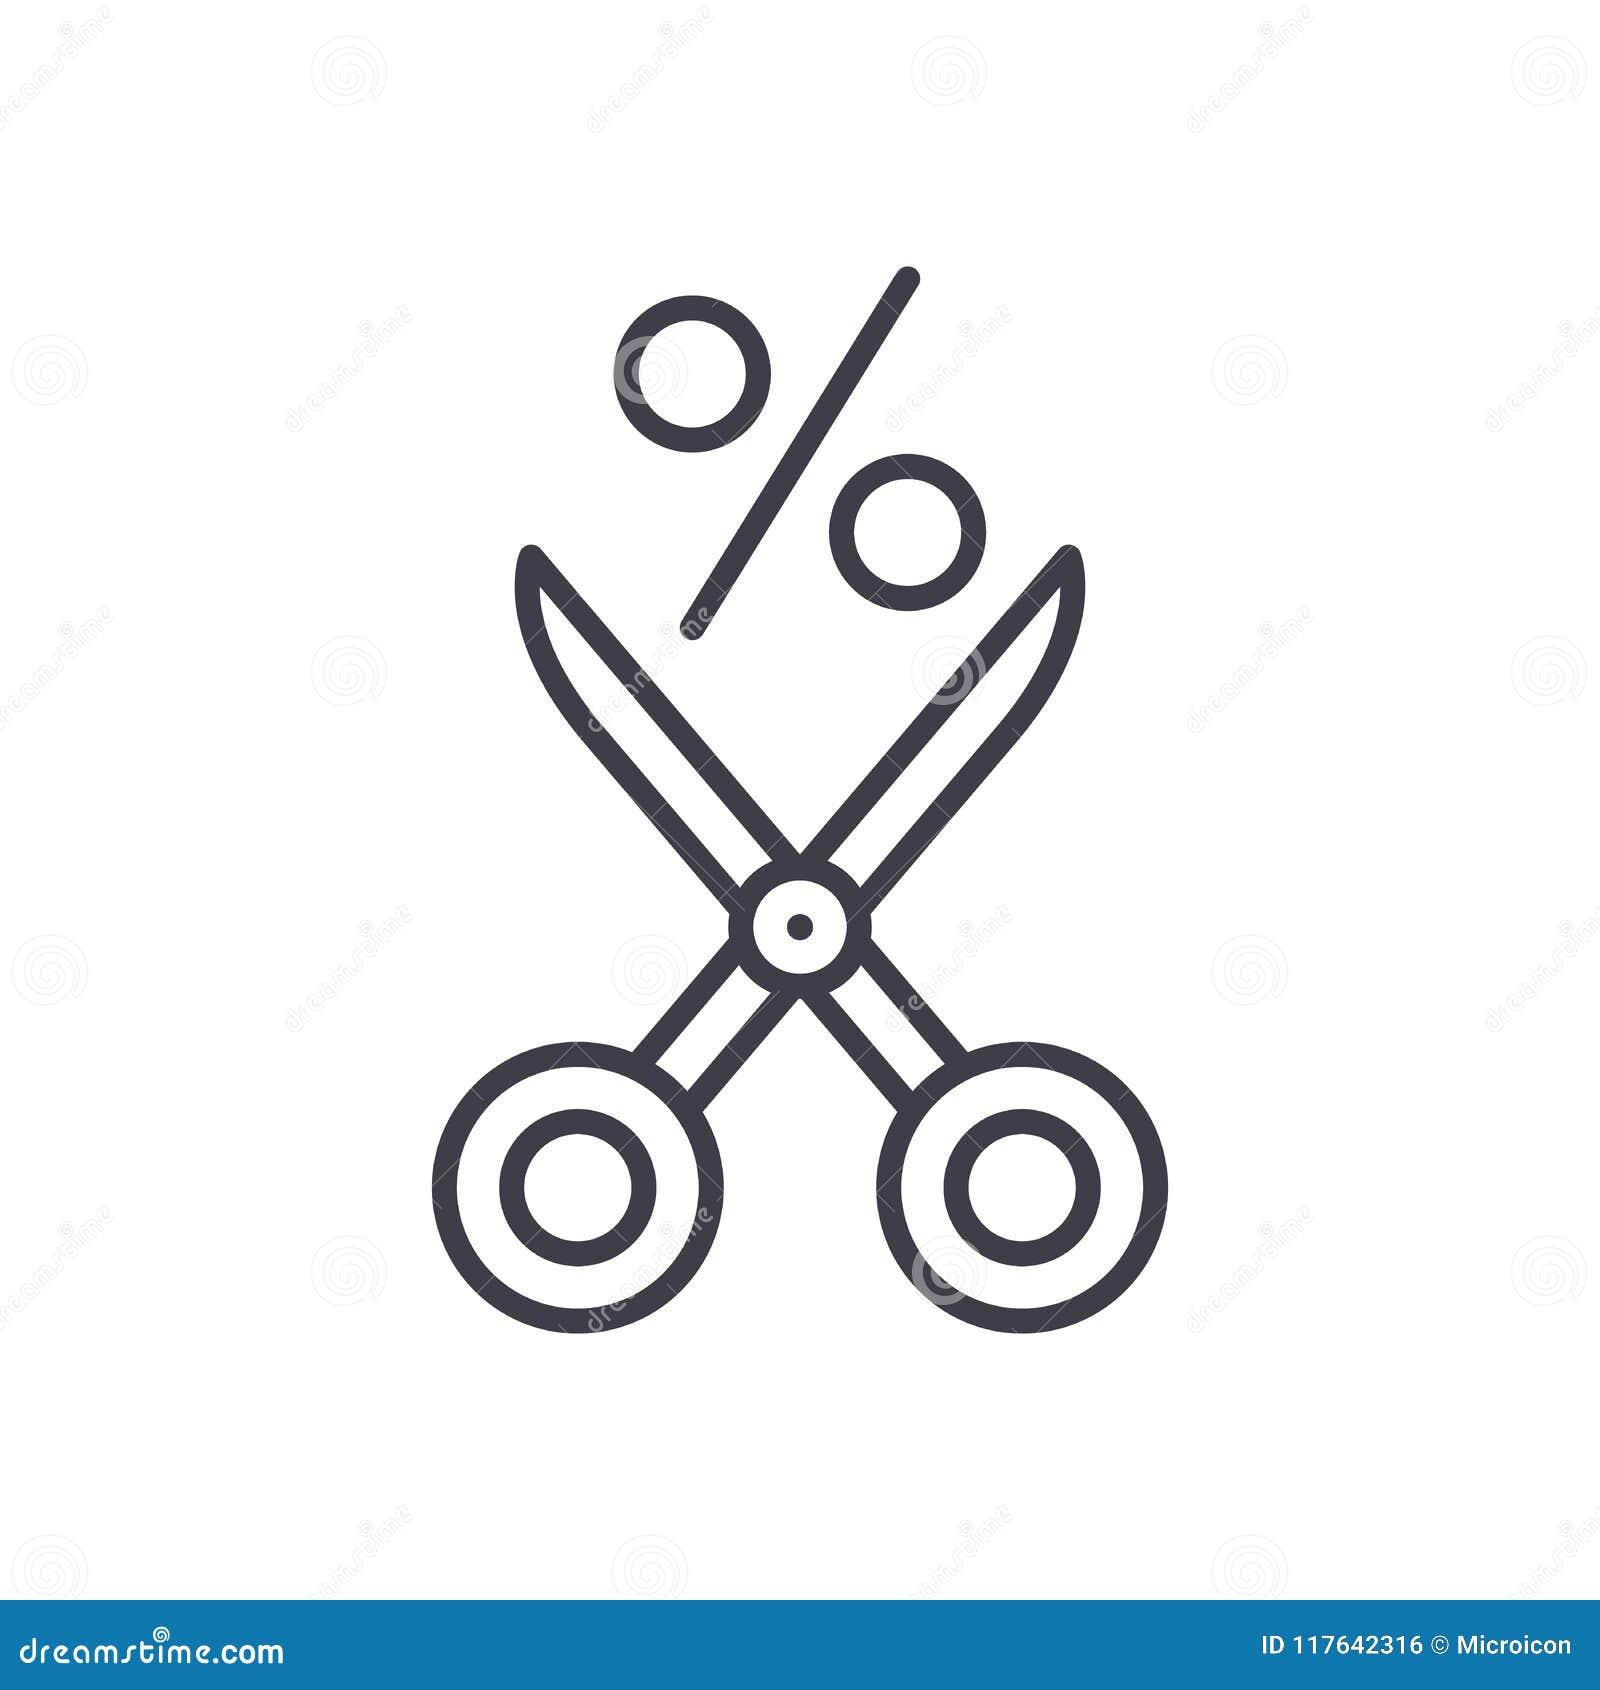 Angebot eines Rabattschwarz-Ikonenkonzeptes Einem Rabatt flaches Vektorsymbol anbieten, Zeichen, Illustration